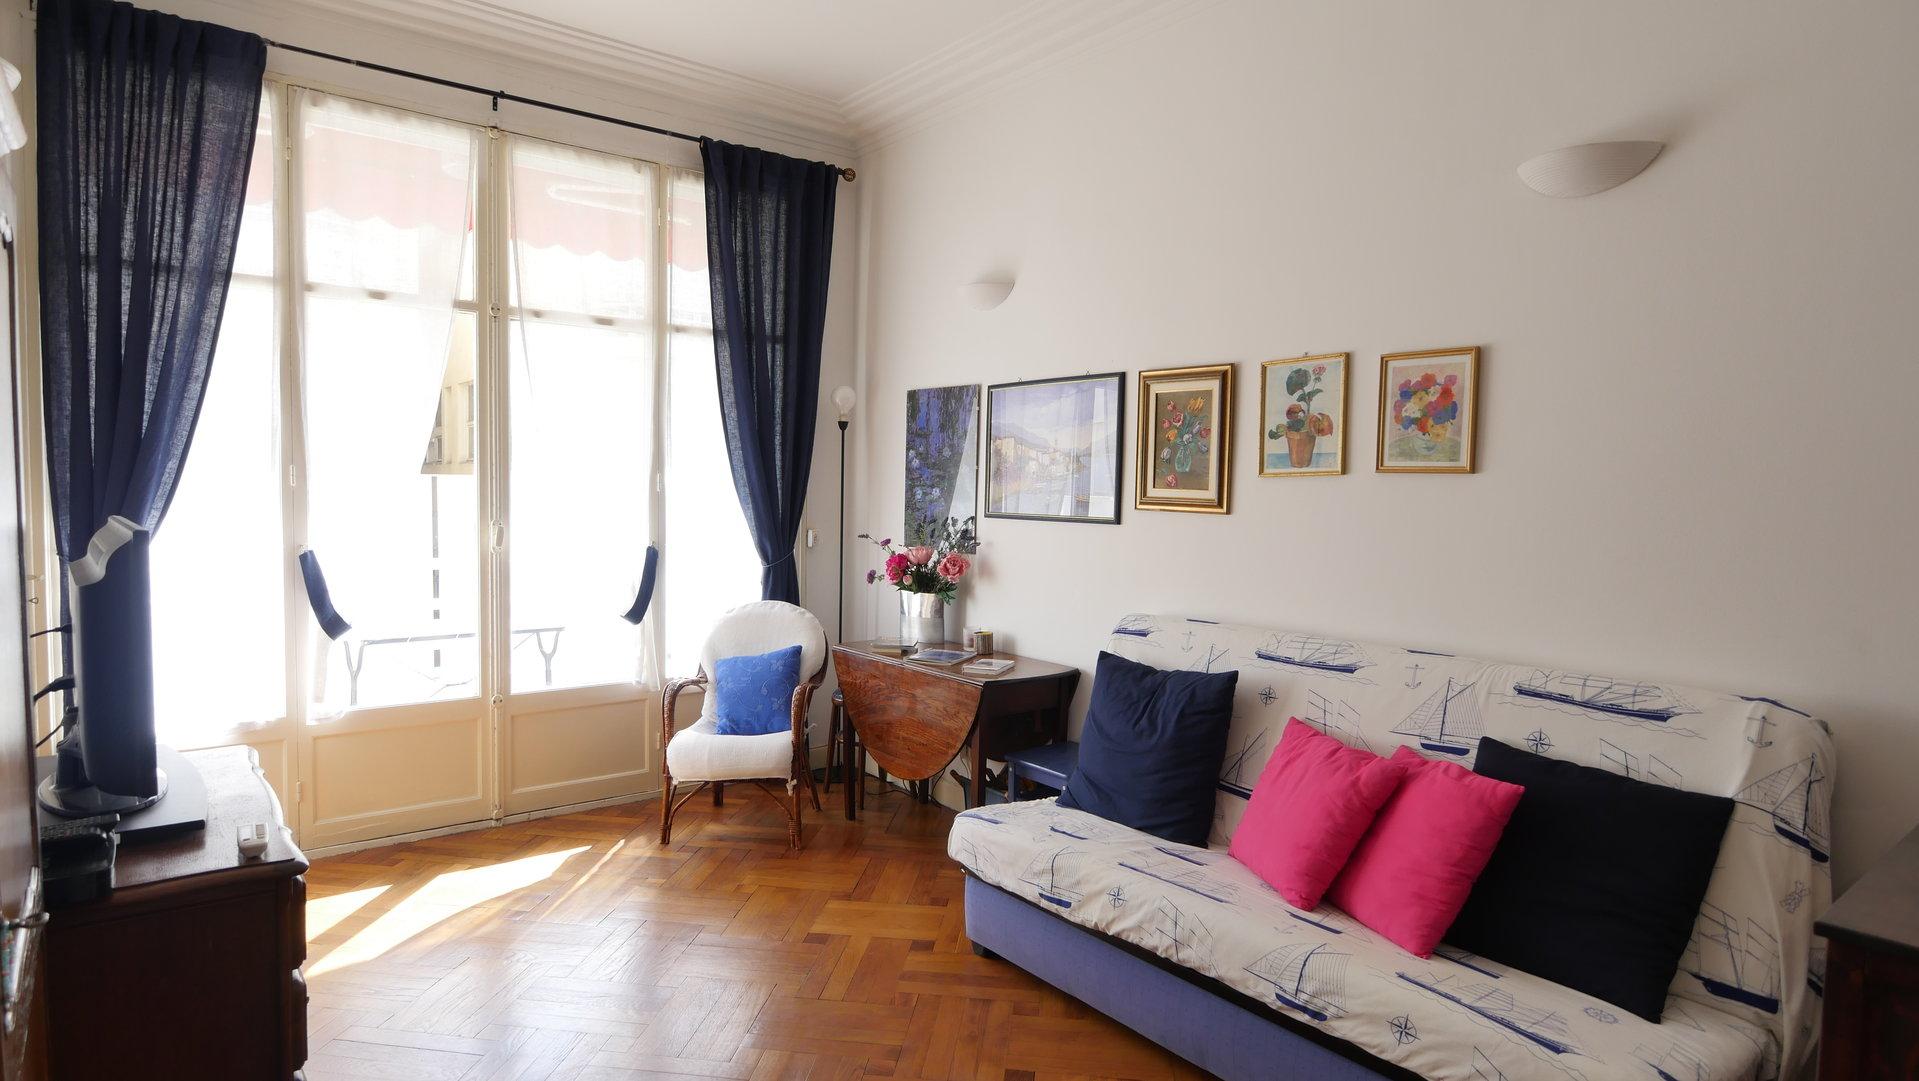 CARRE D'OR, 2 pièces de 40 m² avec balcon